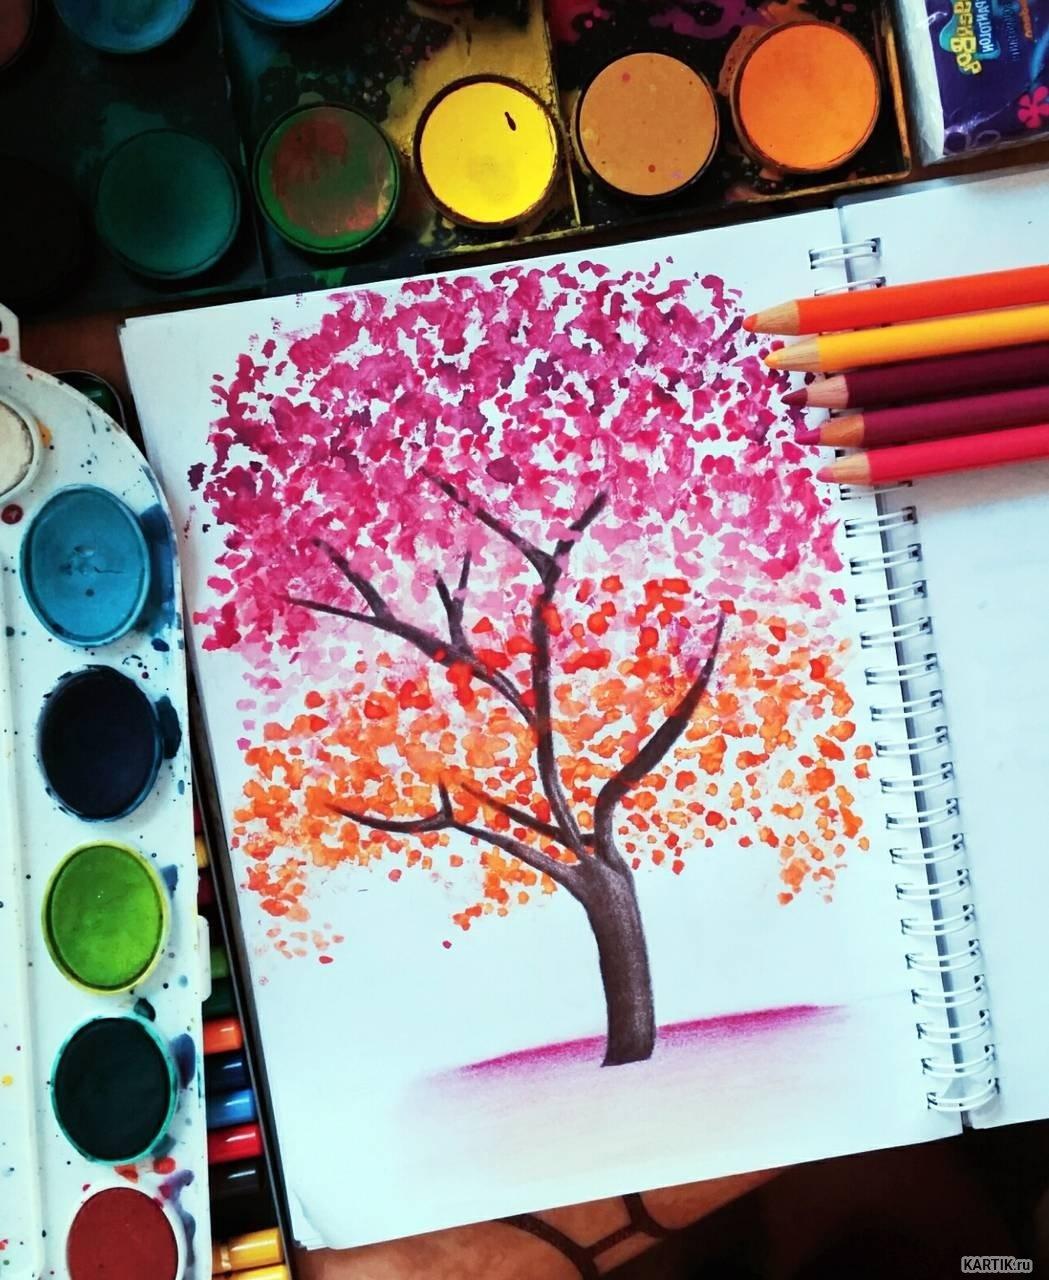 картинки для рисования краской хунг легендарный толстячок